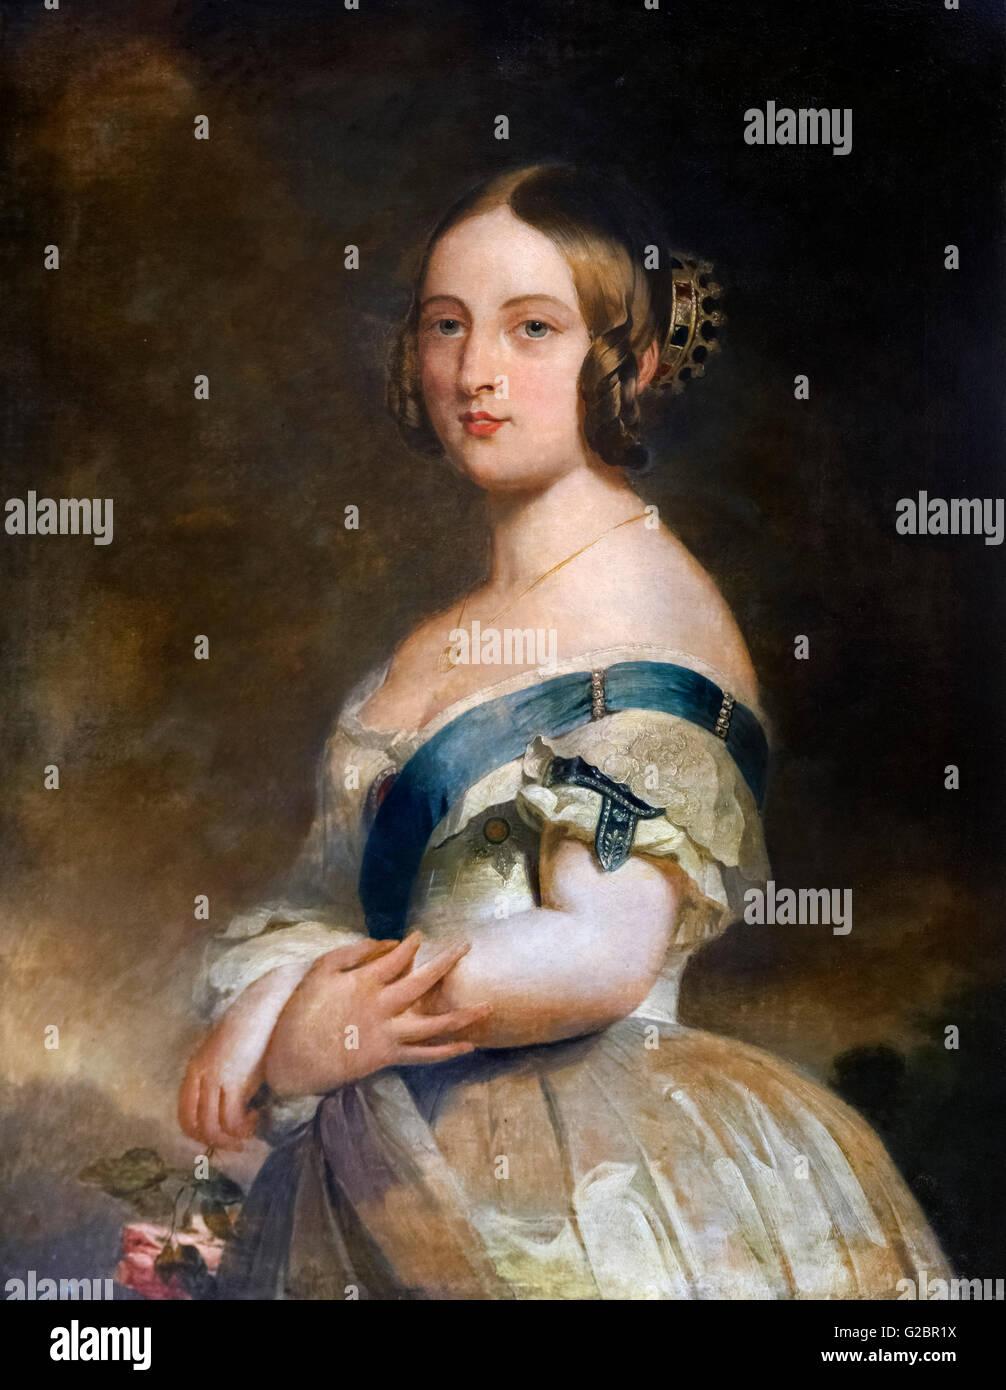 La reine Victoria d'Angleterre en tant que jeune femme. Portrait par Franz Xaver Winterhalter, huile sur toile, Photo Stock